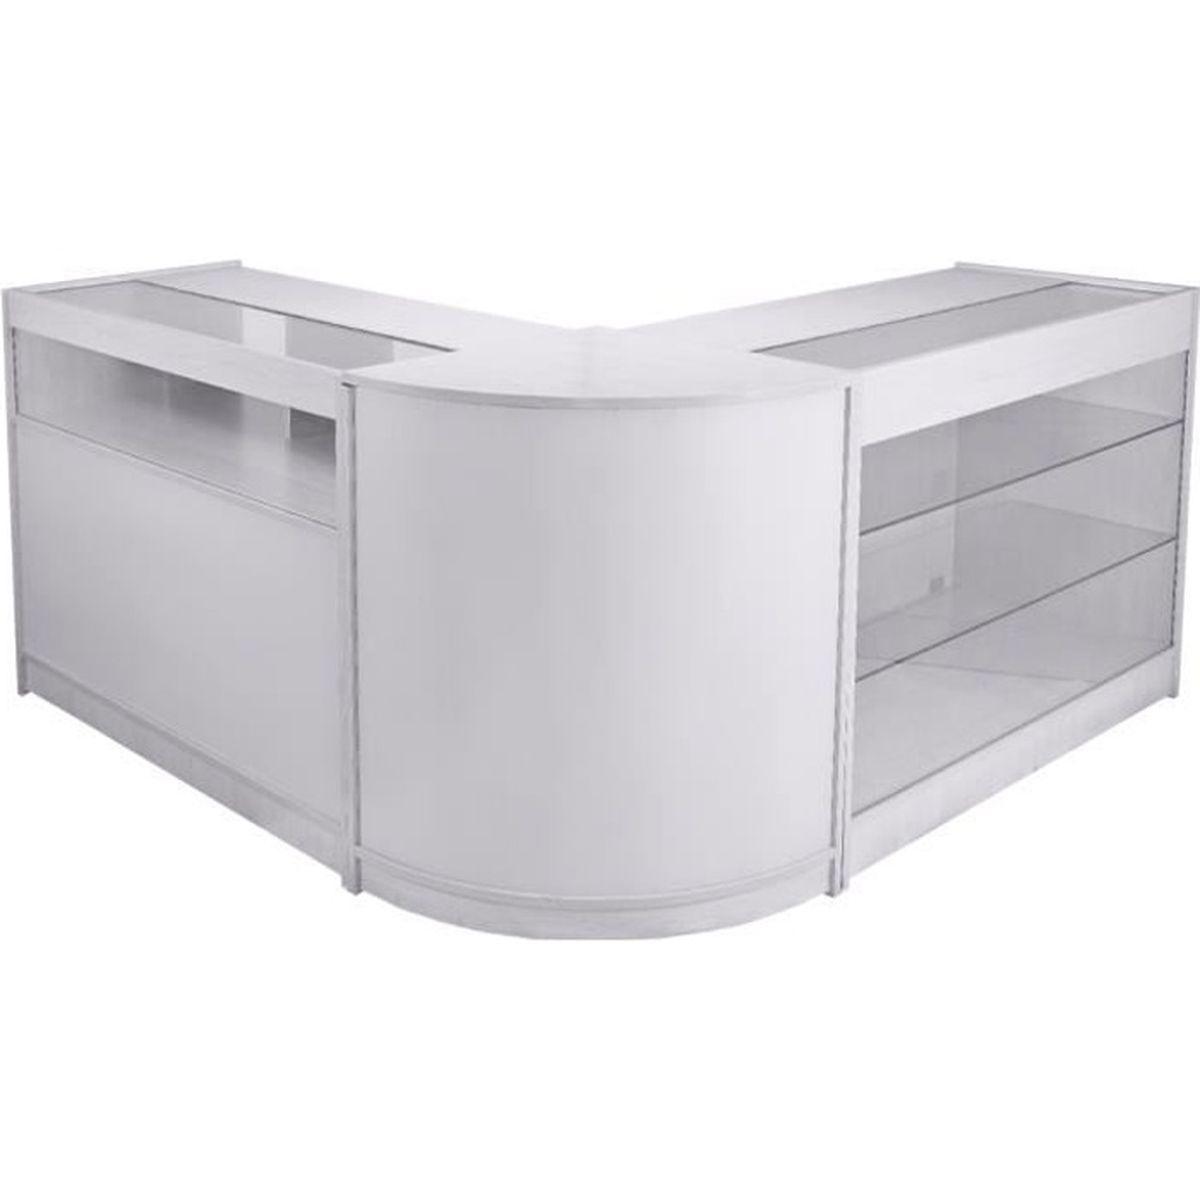 Feuille Stratifié Blanc Brillant pack taurus, lot de vitrines comptoirs blanc brillant pour